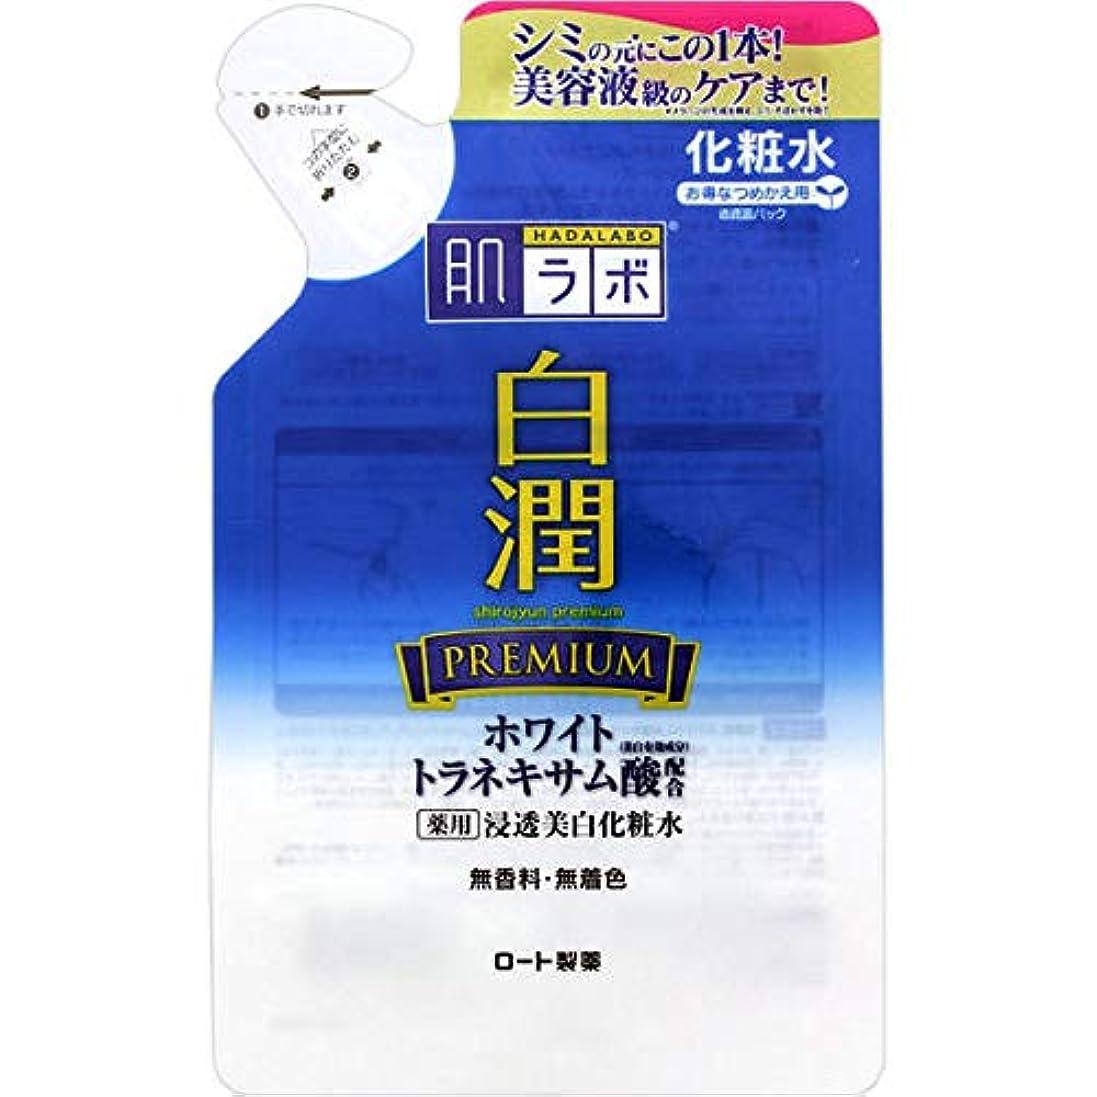 マダム多様性音楽(ロート製薬)肌研 白潤 プレミアム薬用浸透美白化粧水 つめかえ用 170ml(医薬部外品)(お買い得3個セット)